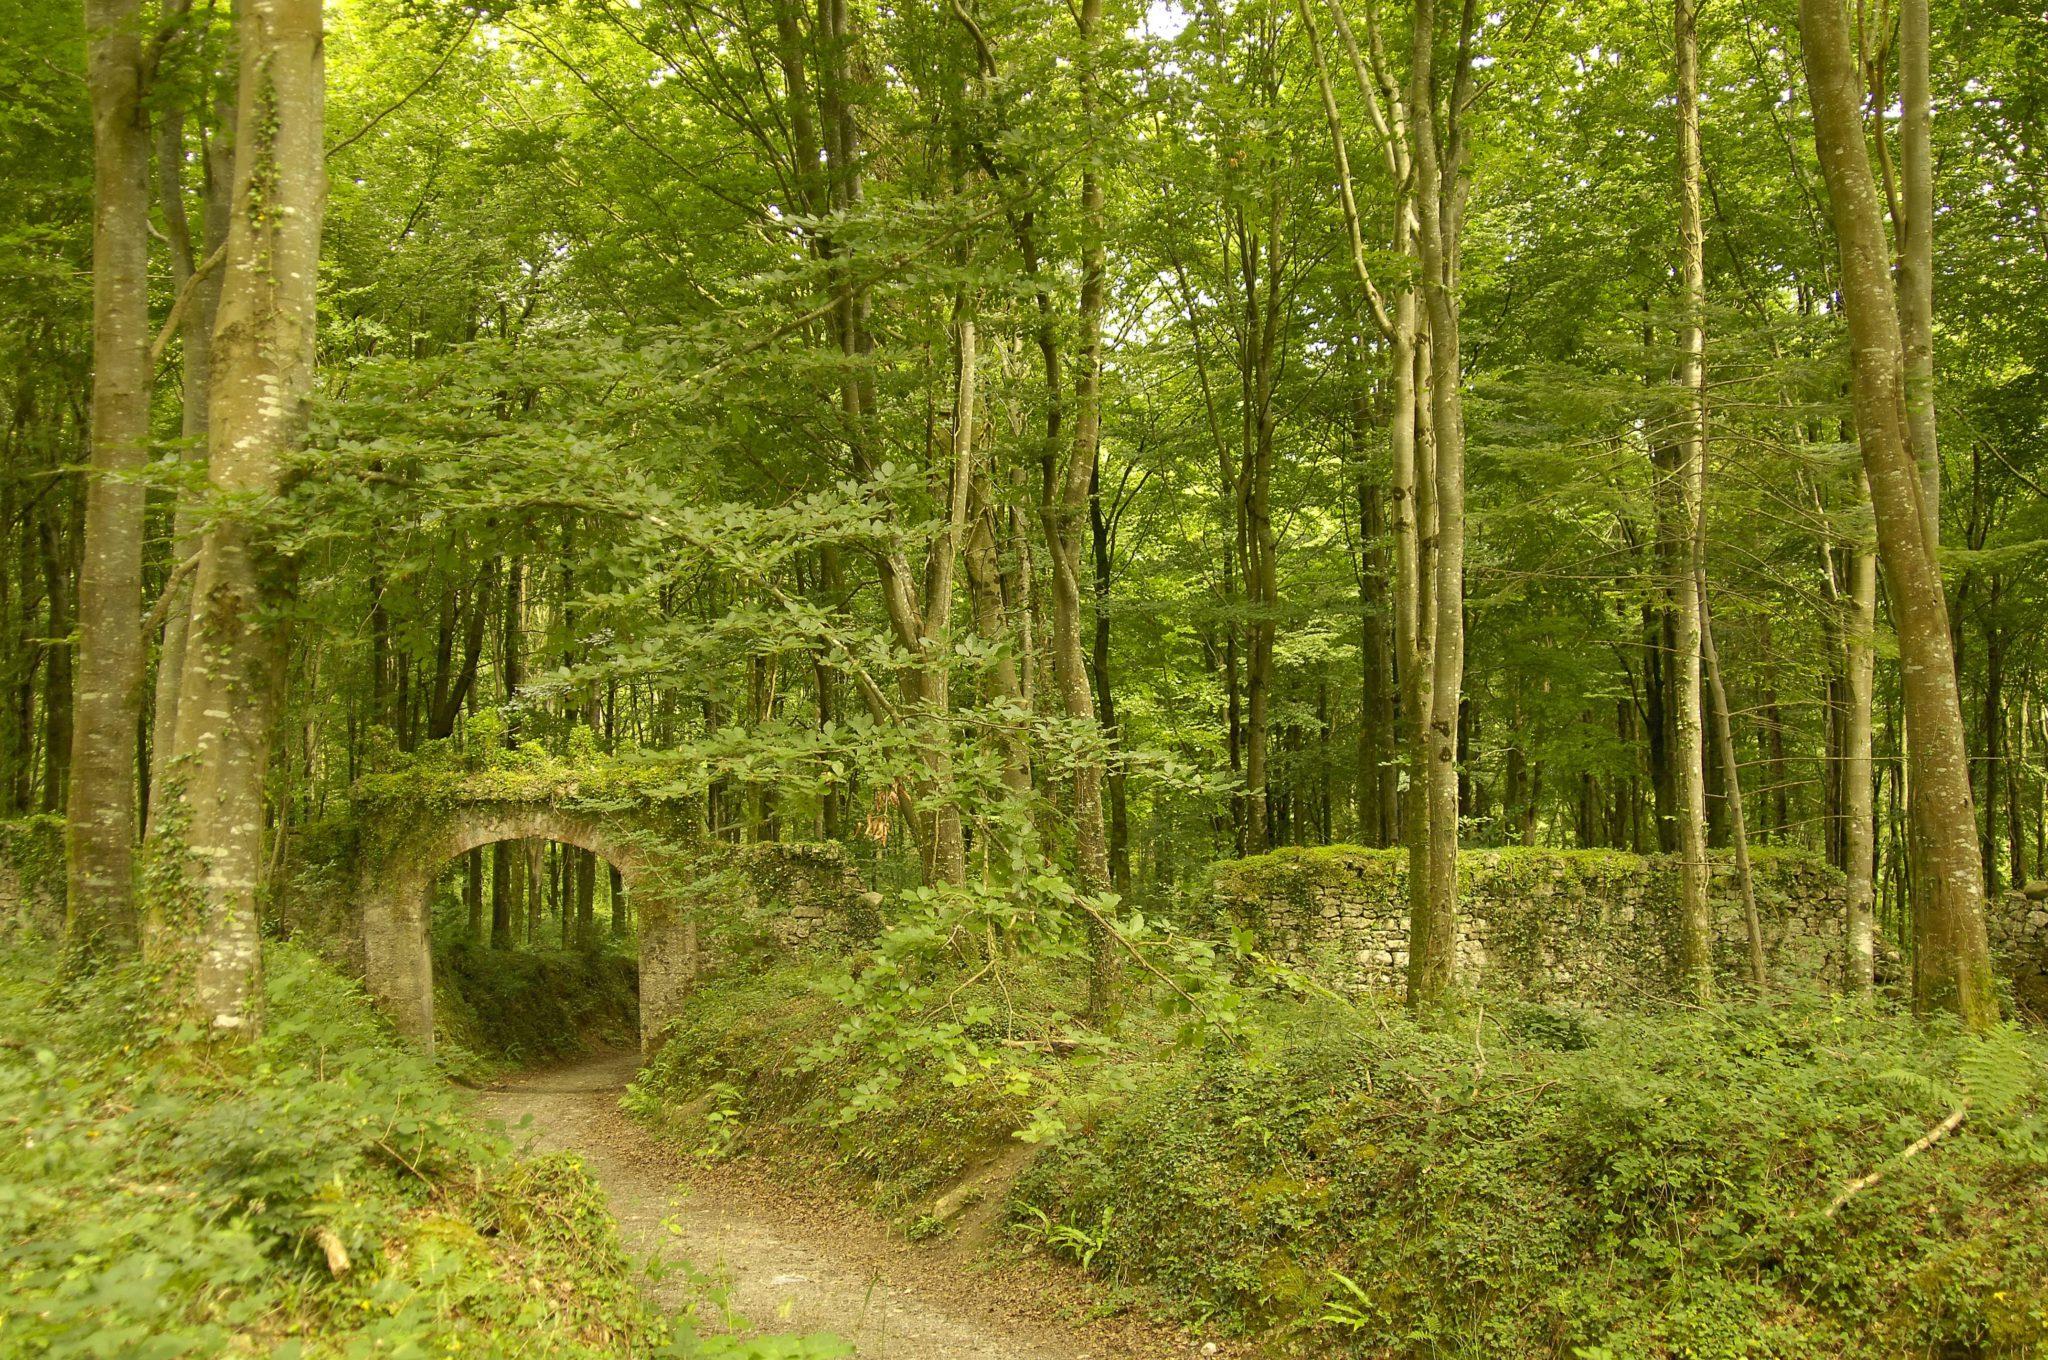 Coillte biodiversity forest